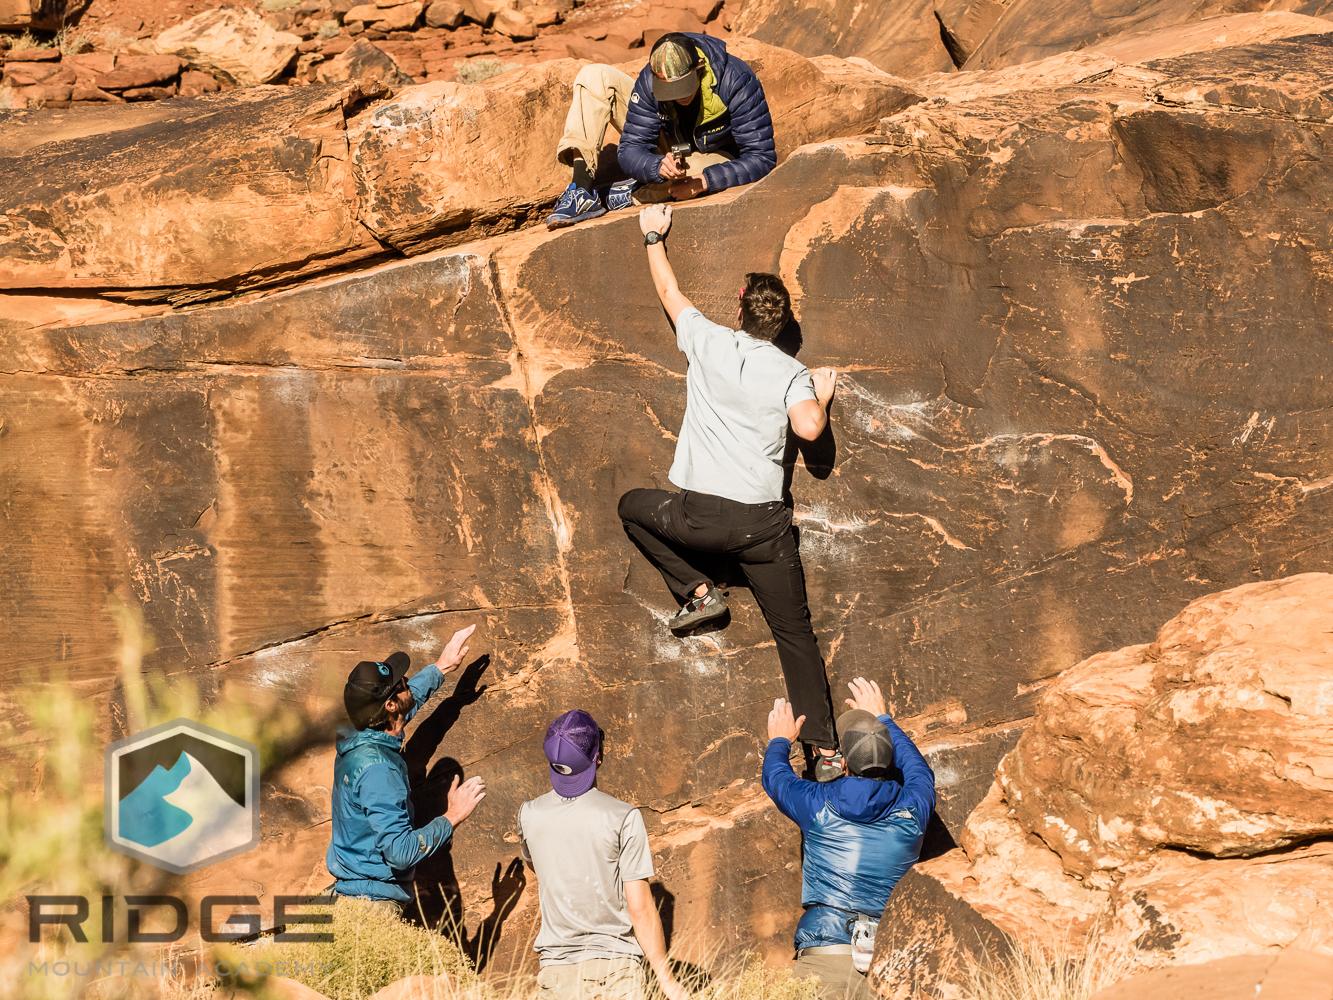 RIDGE in Moab, fall 2015-13.JPG